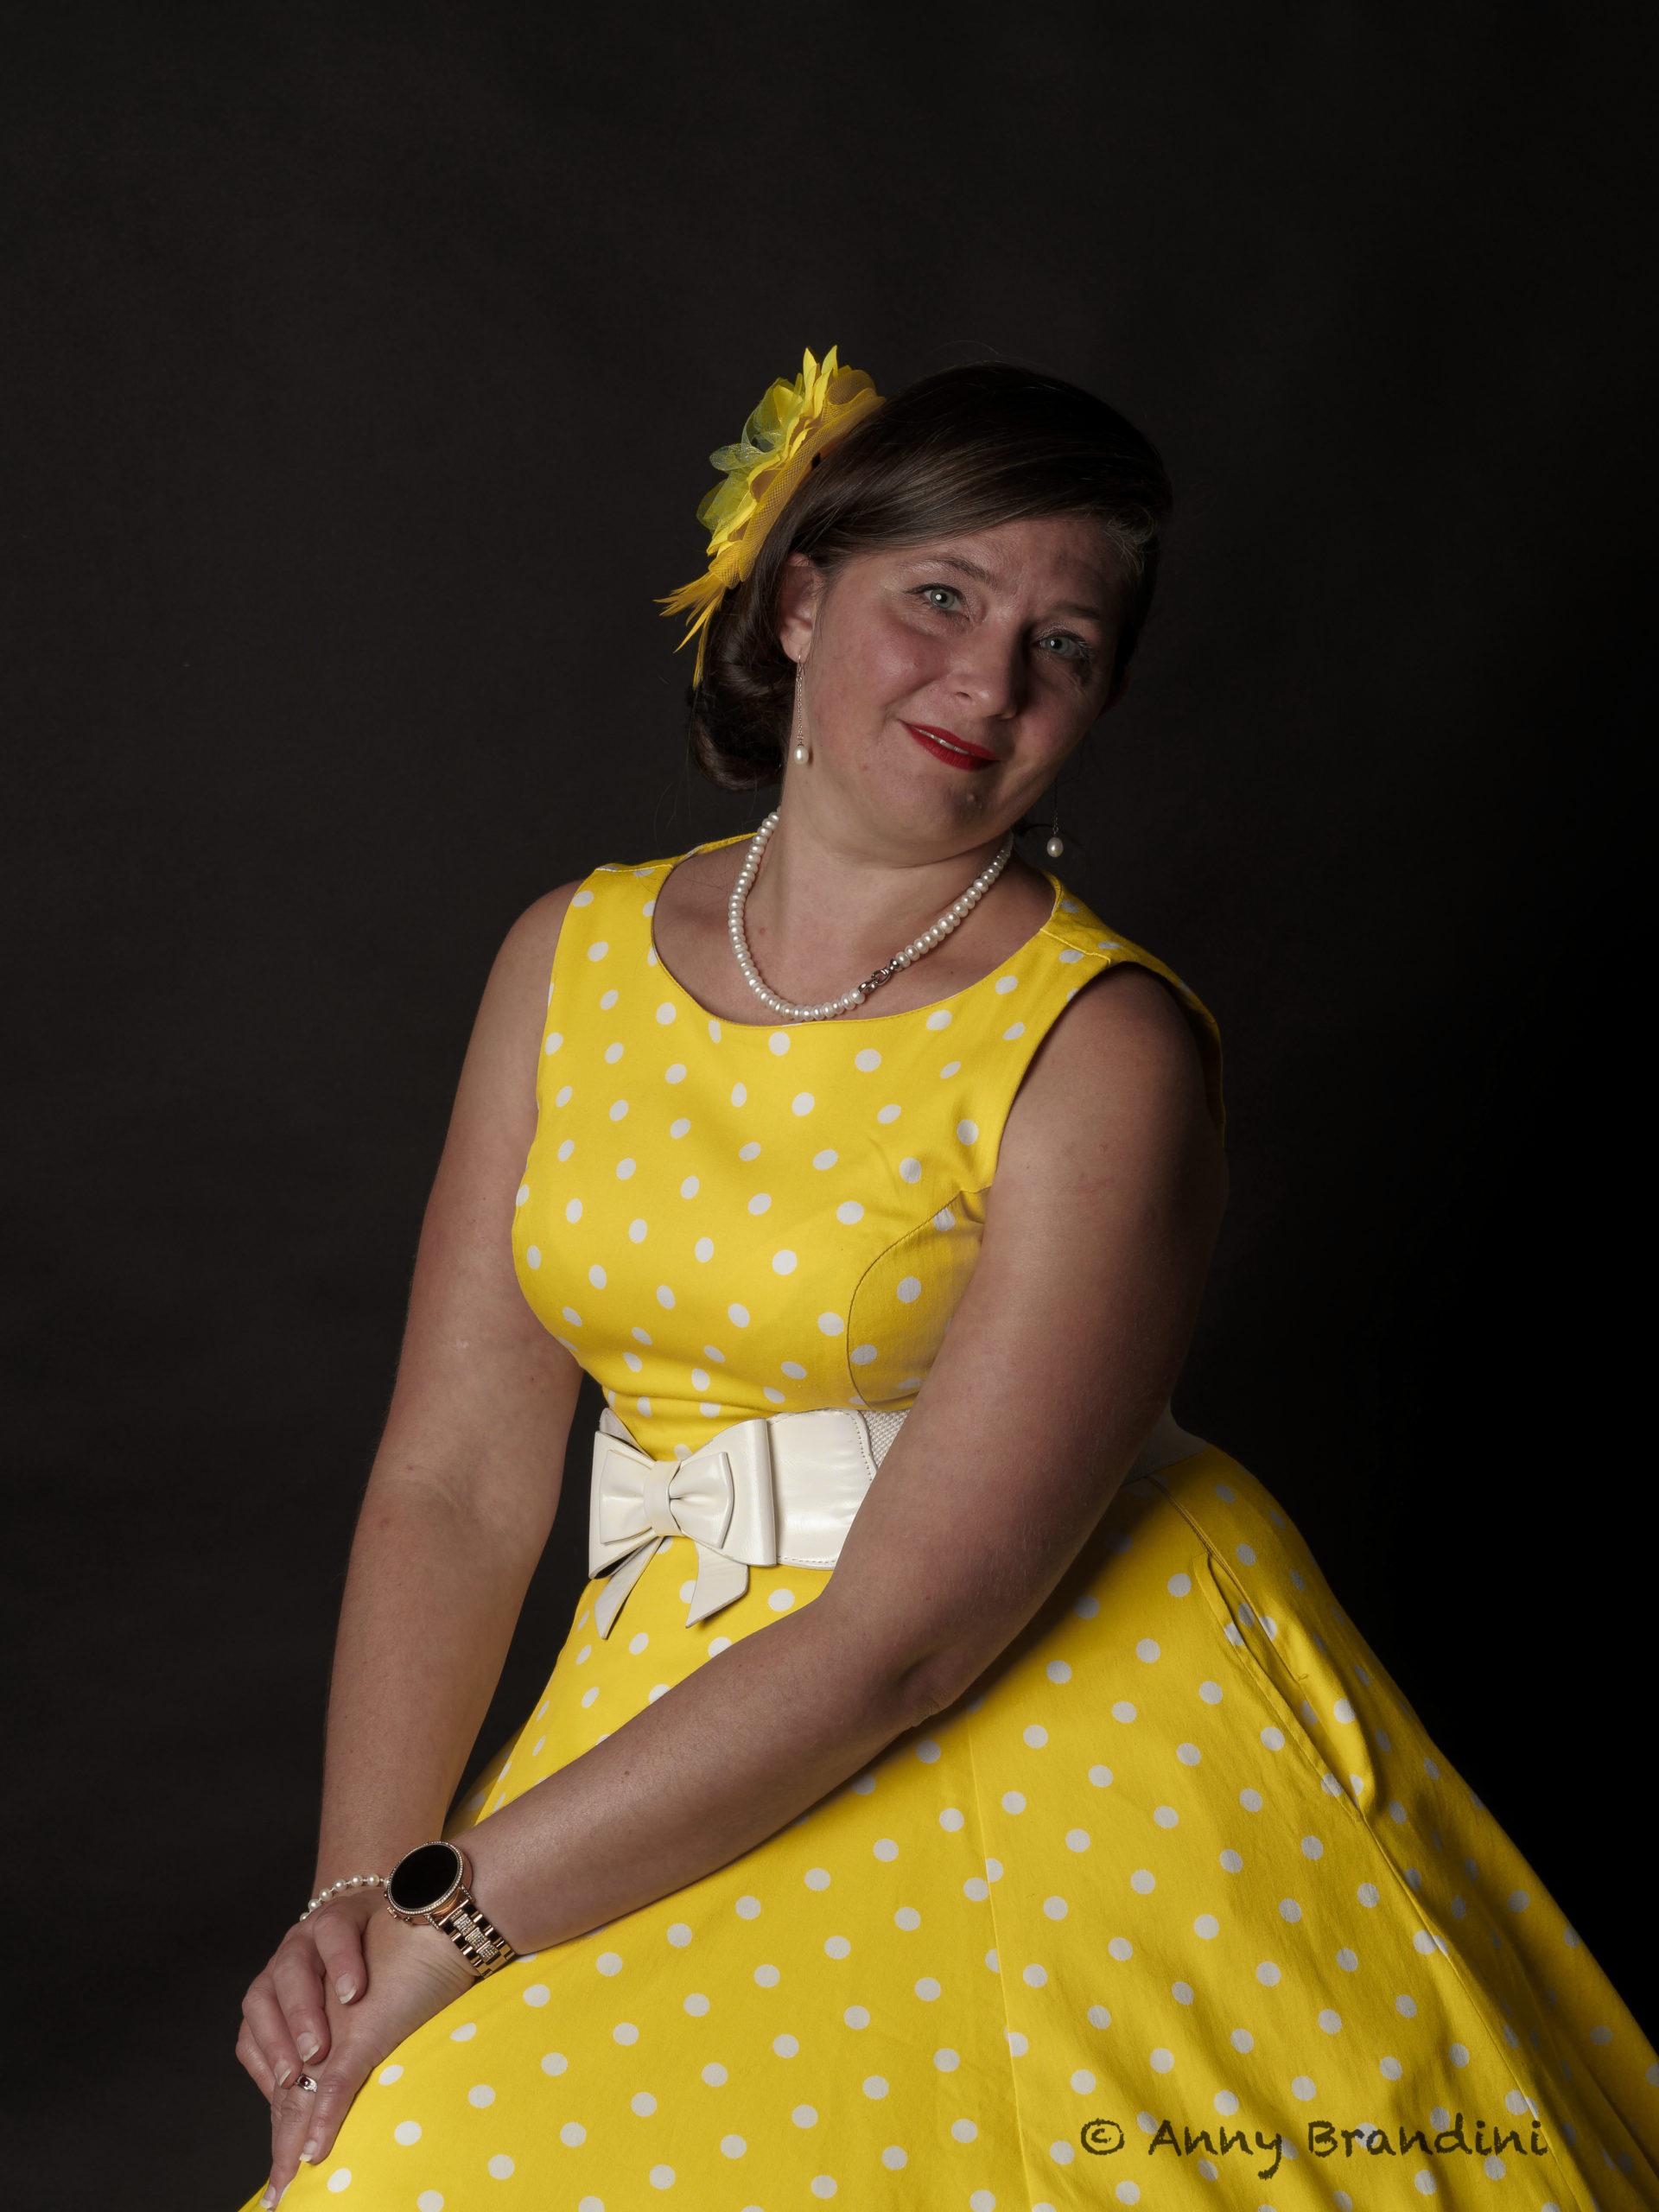 robe rayon de soleil de la marque Hearts & Roses - Model : Cendrine Miesch dite LaPtiteAlsacienne - Photo d'Anny Brandini au Studio Jean Paul à  Guebwiller.